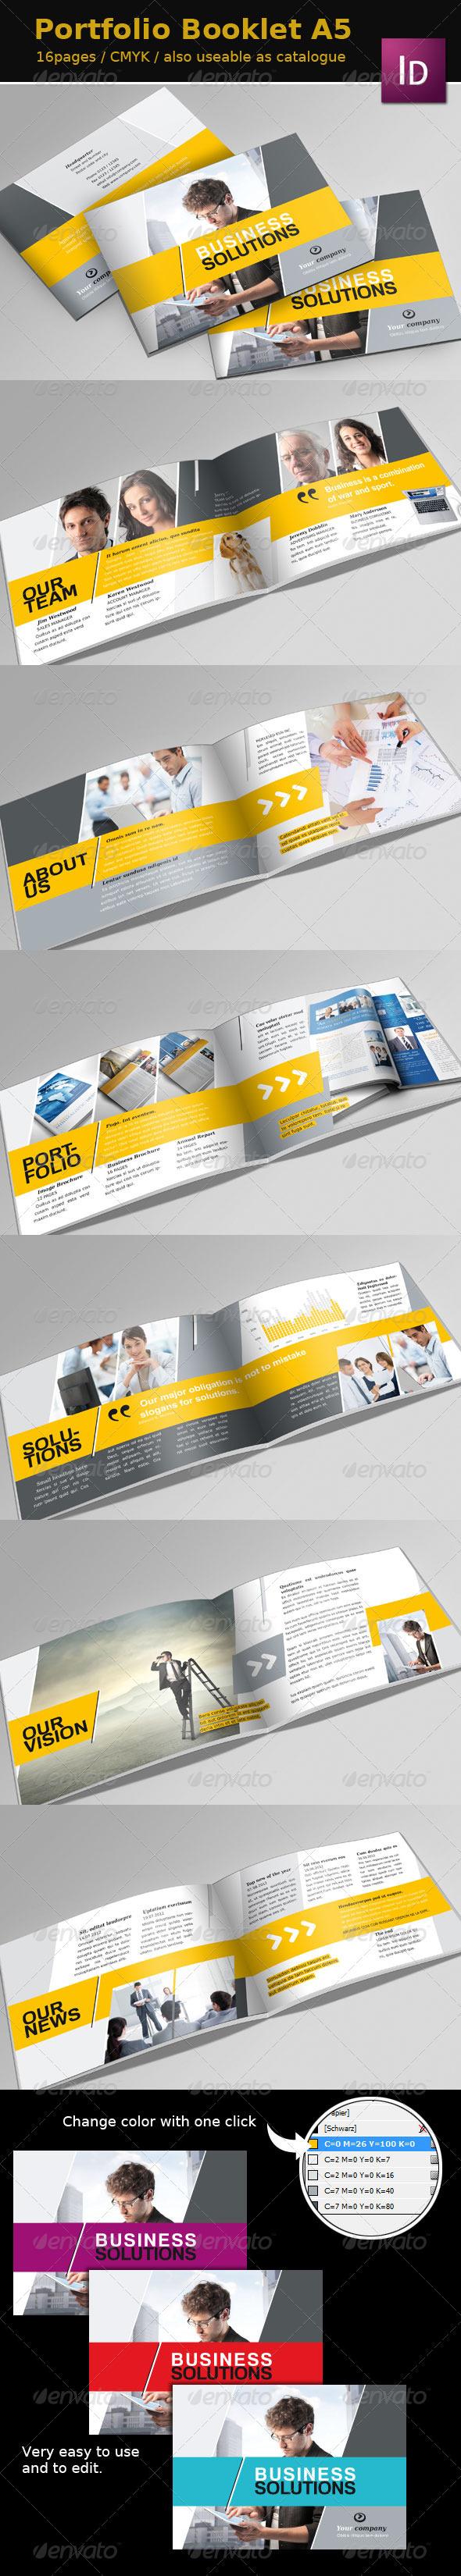 GraphicRiver Portfolio Booklet A5 2571196